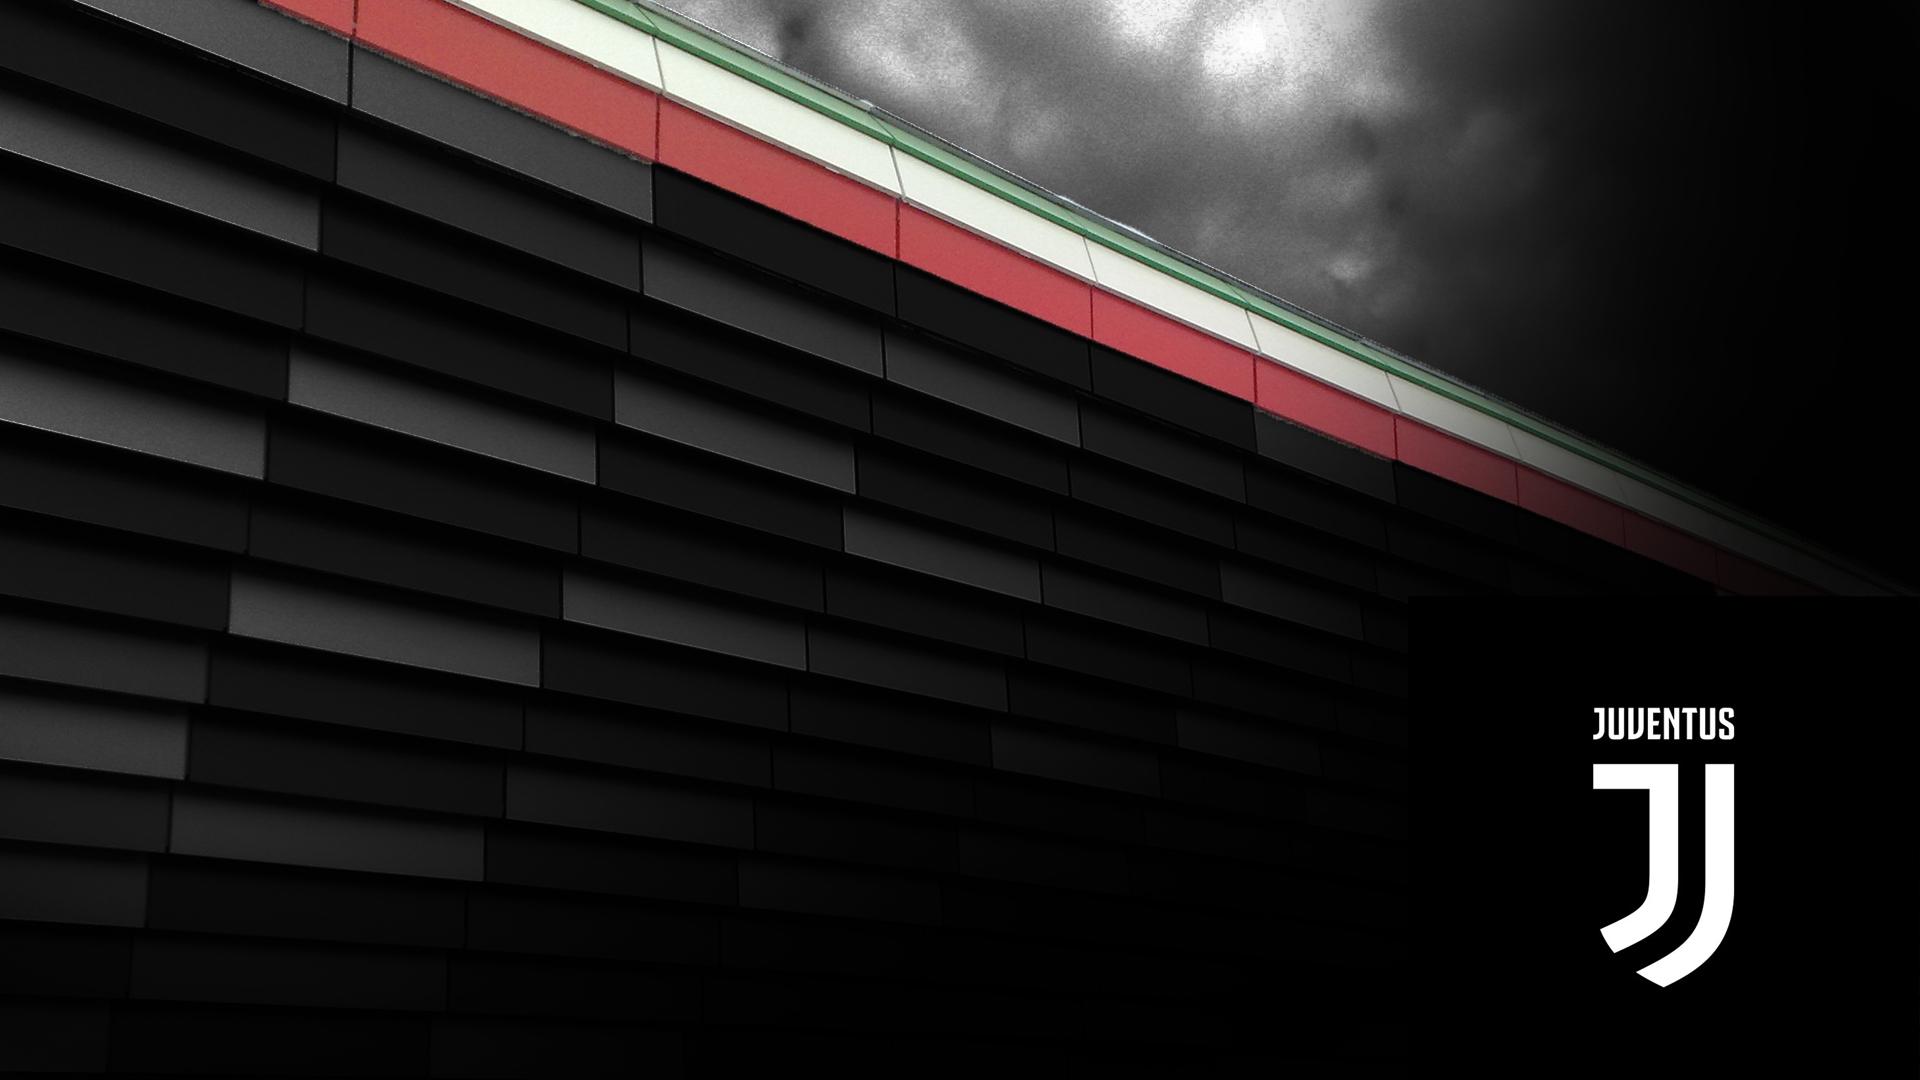 1920x1080 Px Juve Juventus